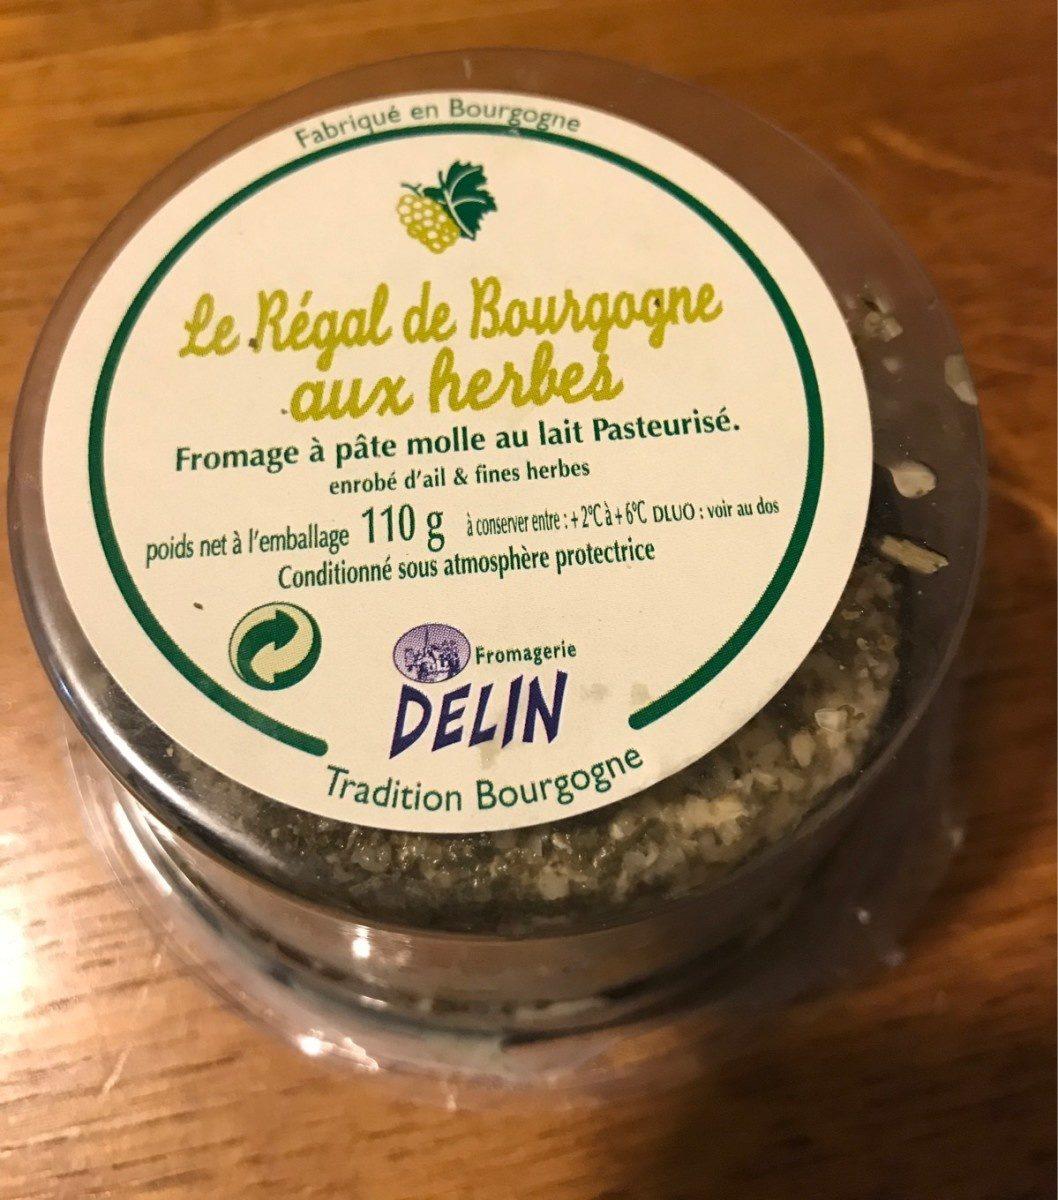 Le regal de bourgogne - Product - fr